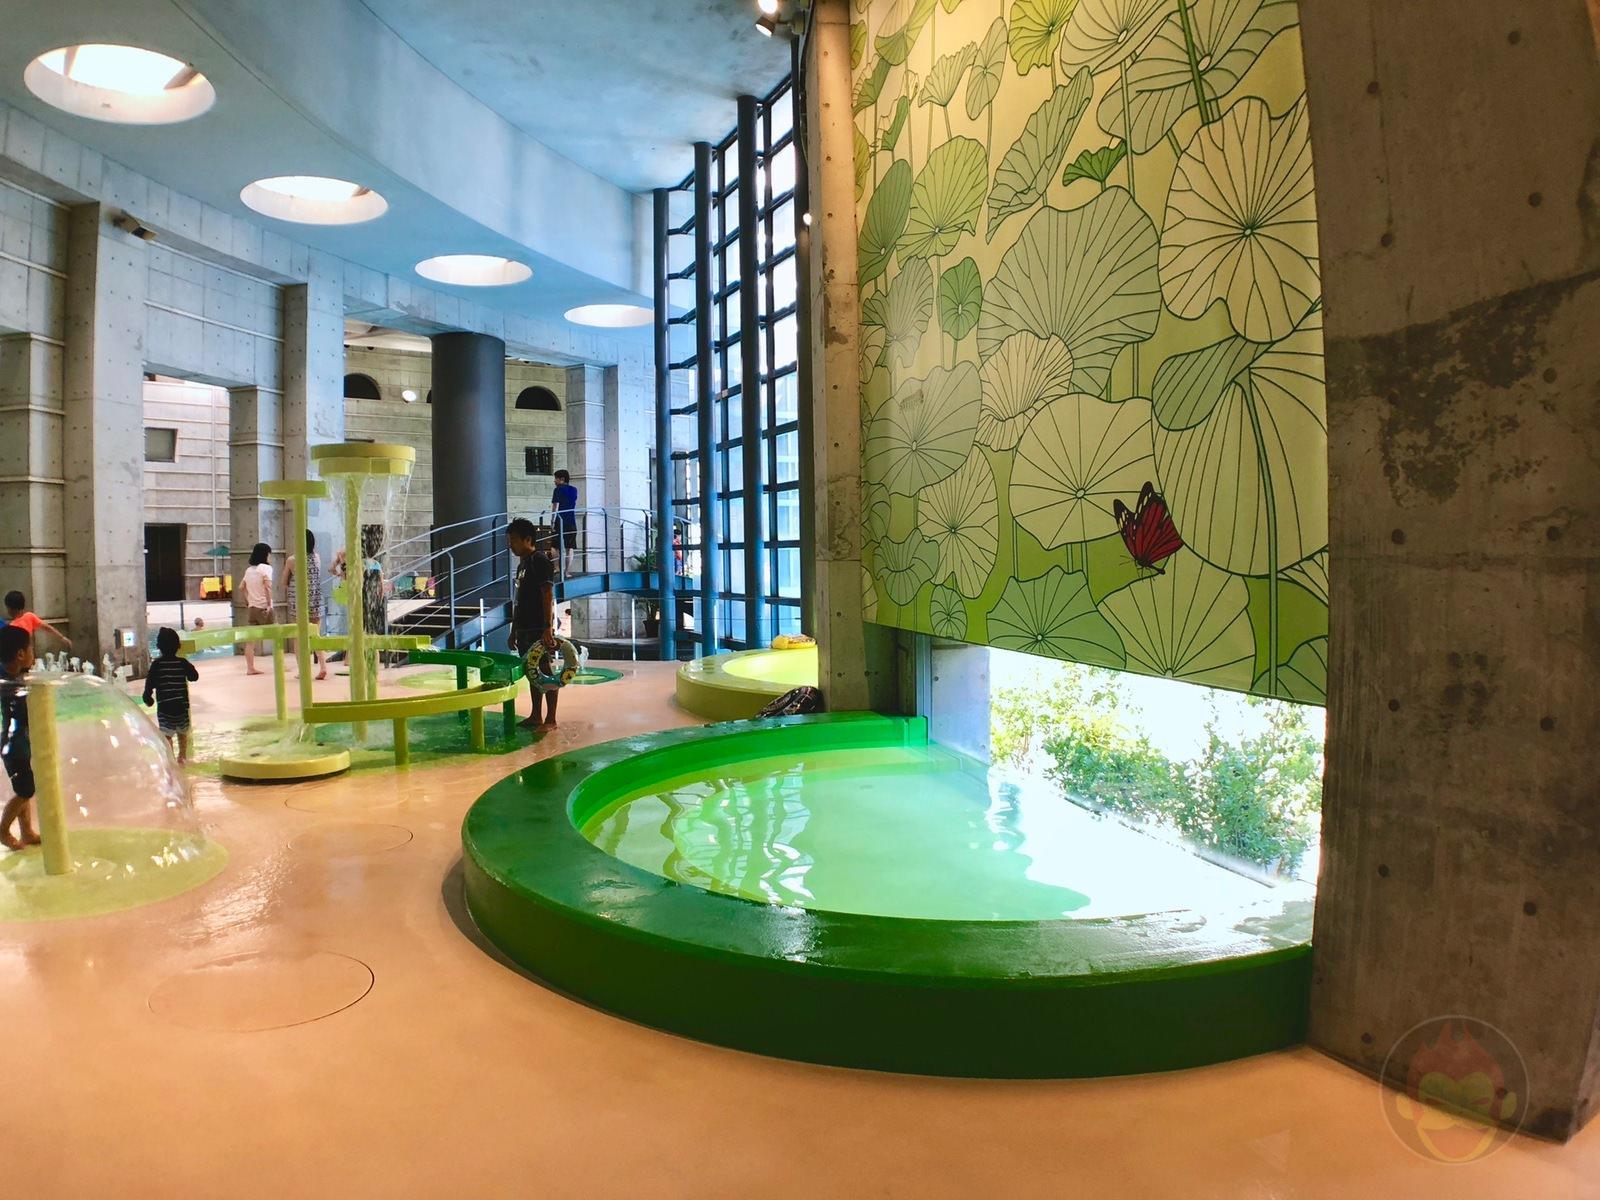 Hoshino-Resonalre-Yatsugatake-Pool-14.jpg